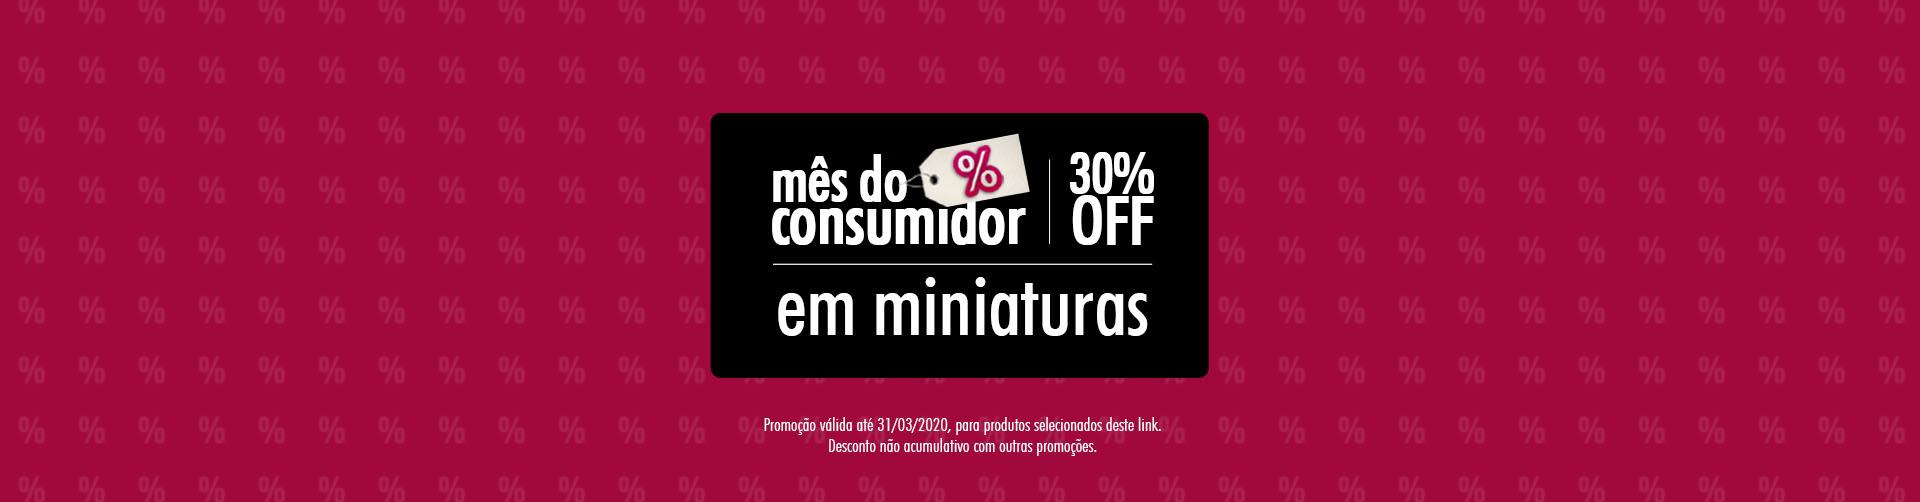 30% miniaturas